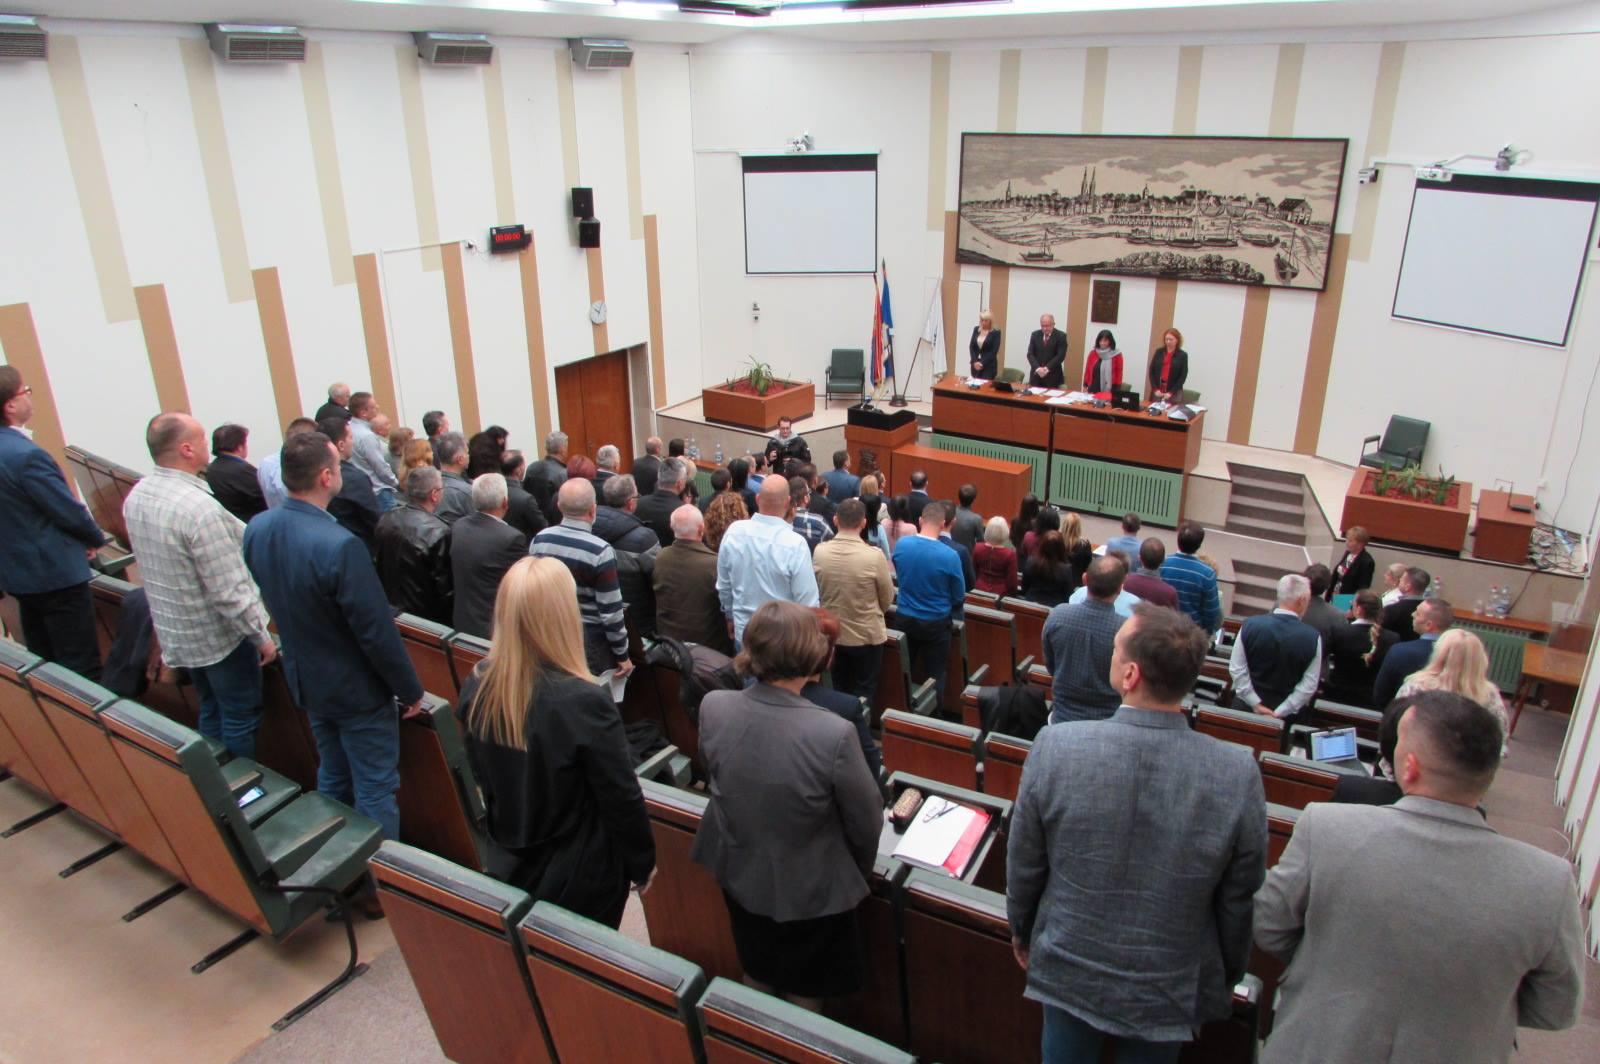 Minur ćutanja u Skupštini Pančeva